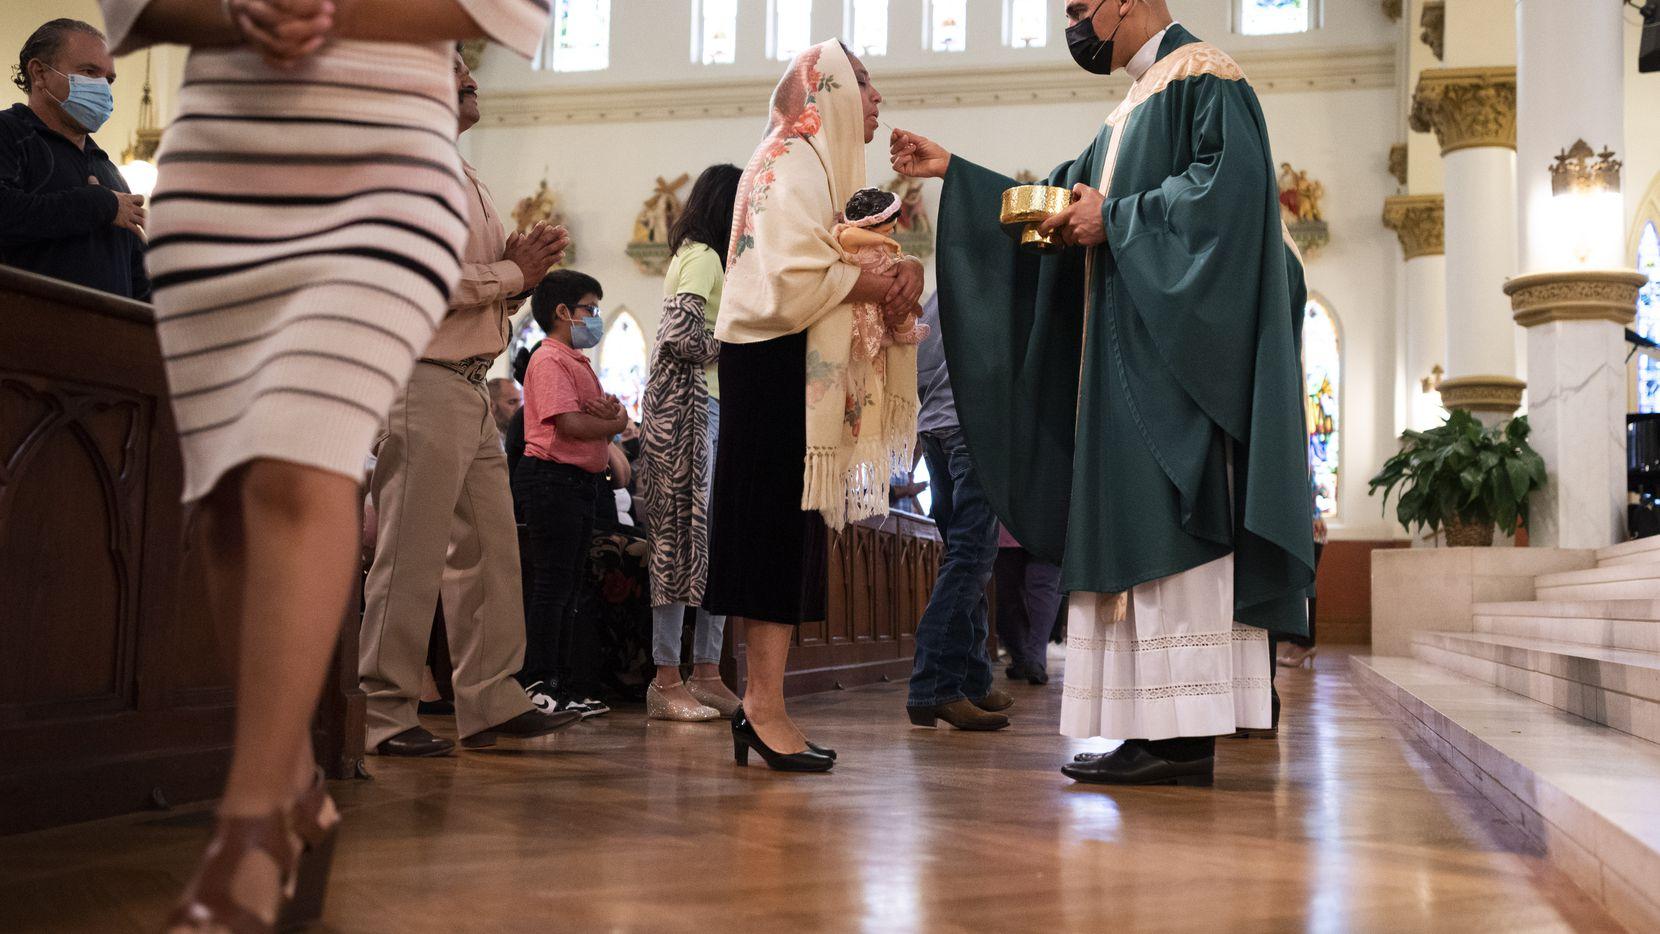 El padre Jesús Belmontes, el nuevo rector de la Catedral de Guadalupe en Dallas, durante su primera misa en ese recinto, el 4 de julio de 2021.